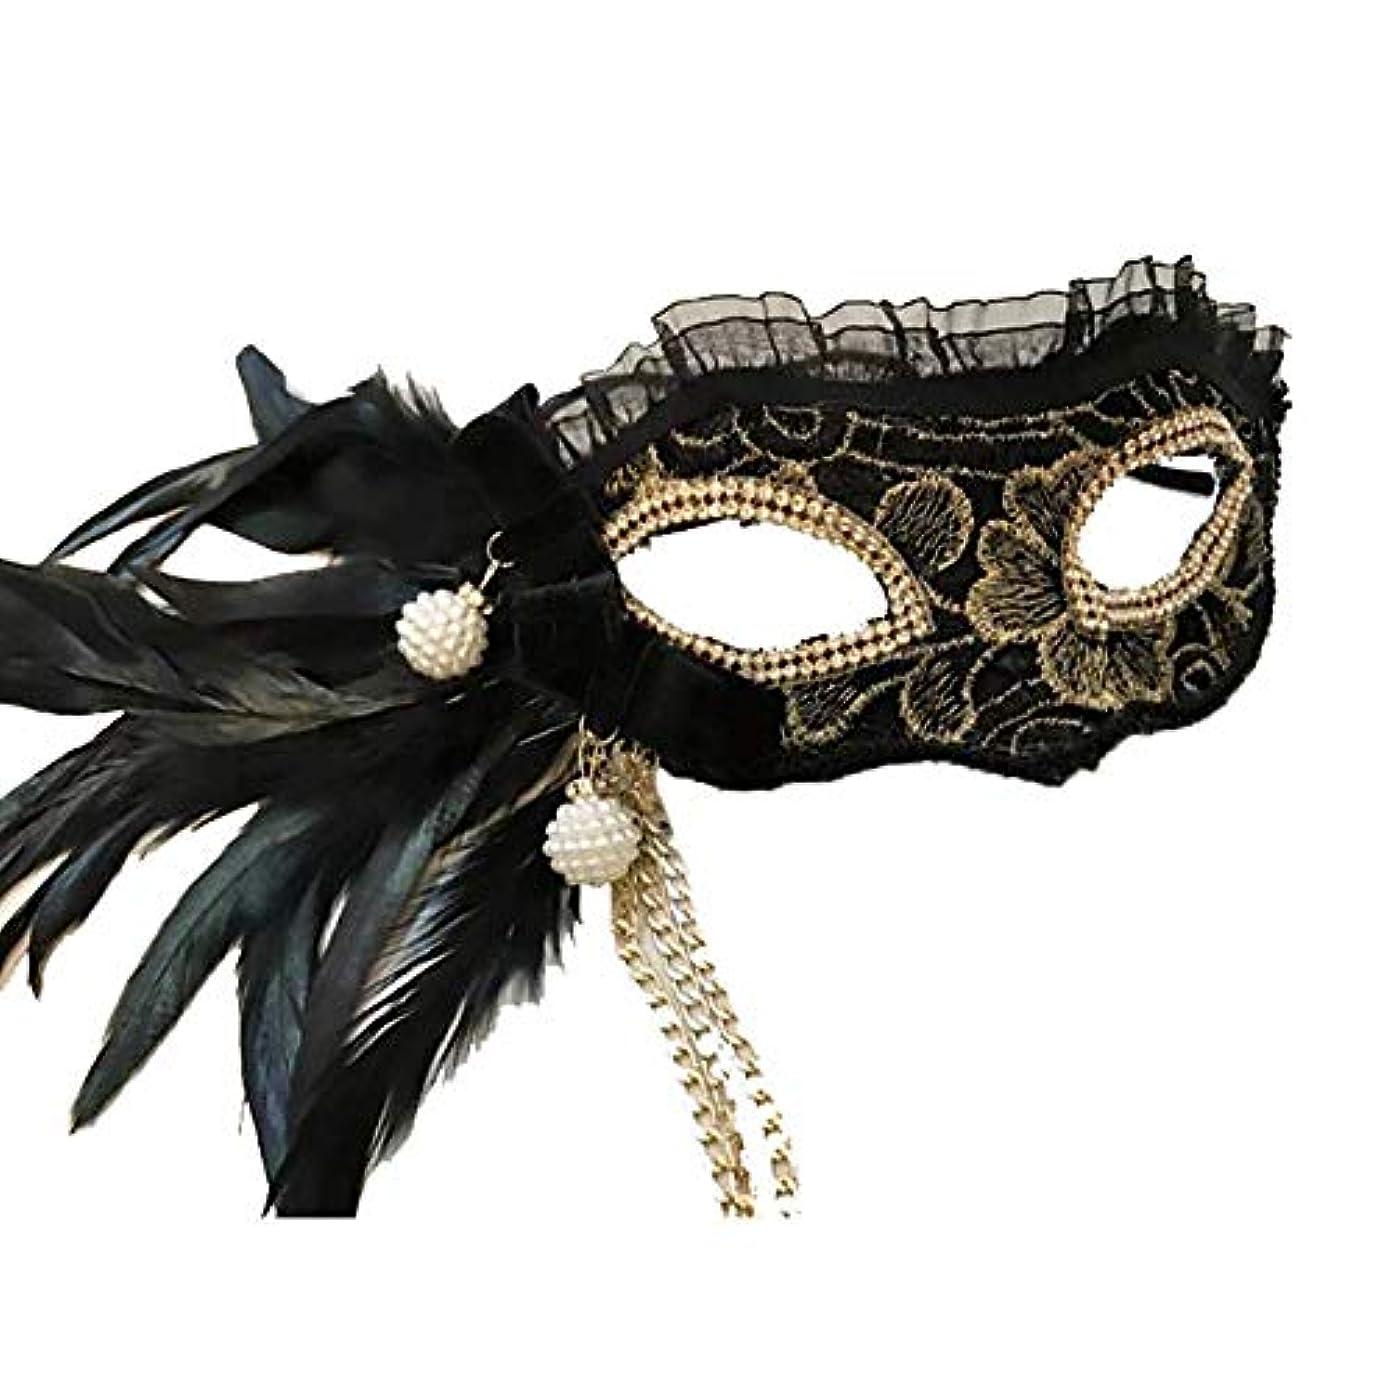 ドラマメールを書く上Nanle ハロウィンクリスマスフェザー刺繍フリンジフラワービーズマスク仮装マスクレディミスプリンセス美容祭パーティーデコレーションマスク (色 : Style A)